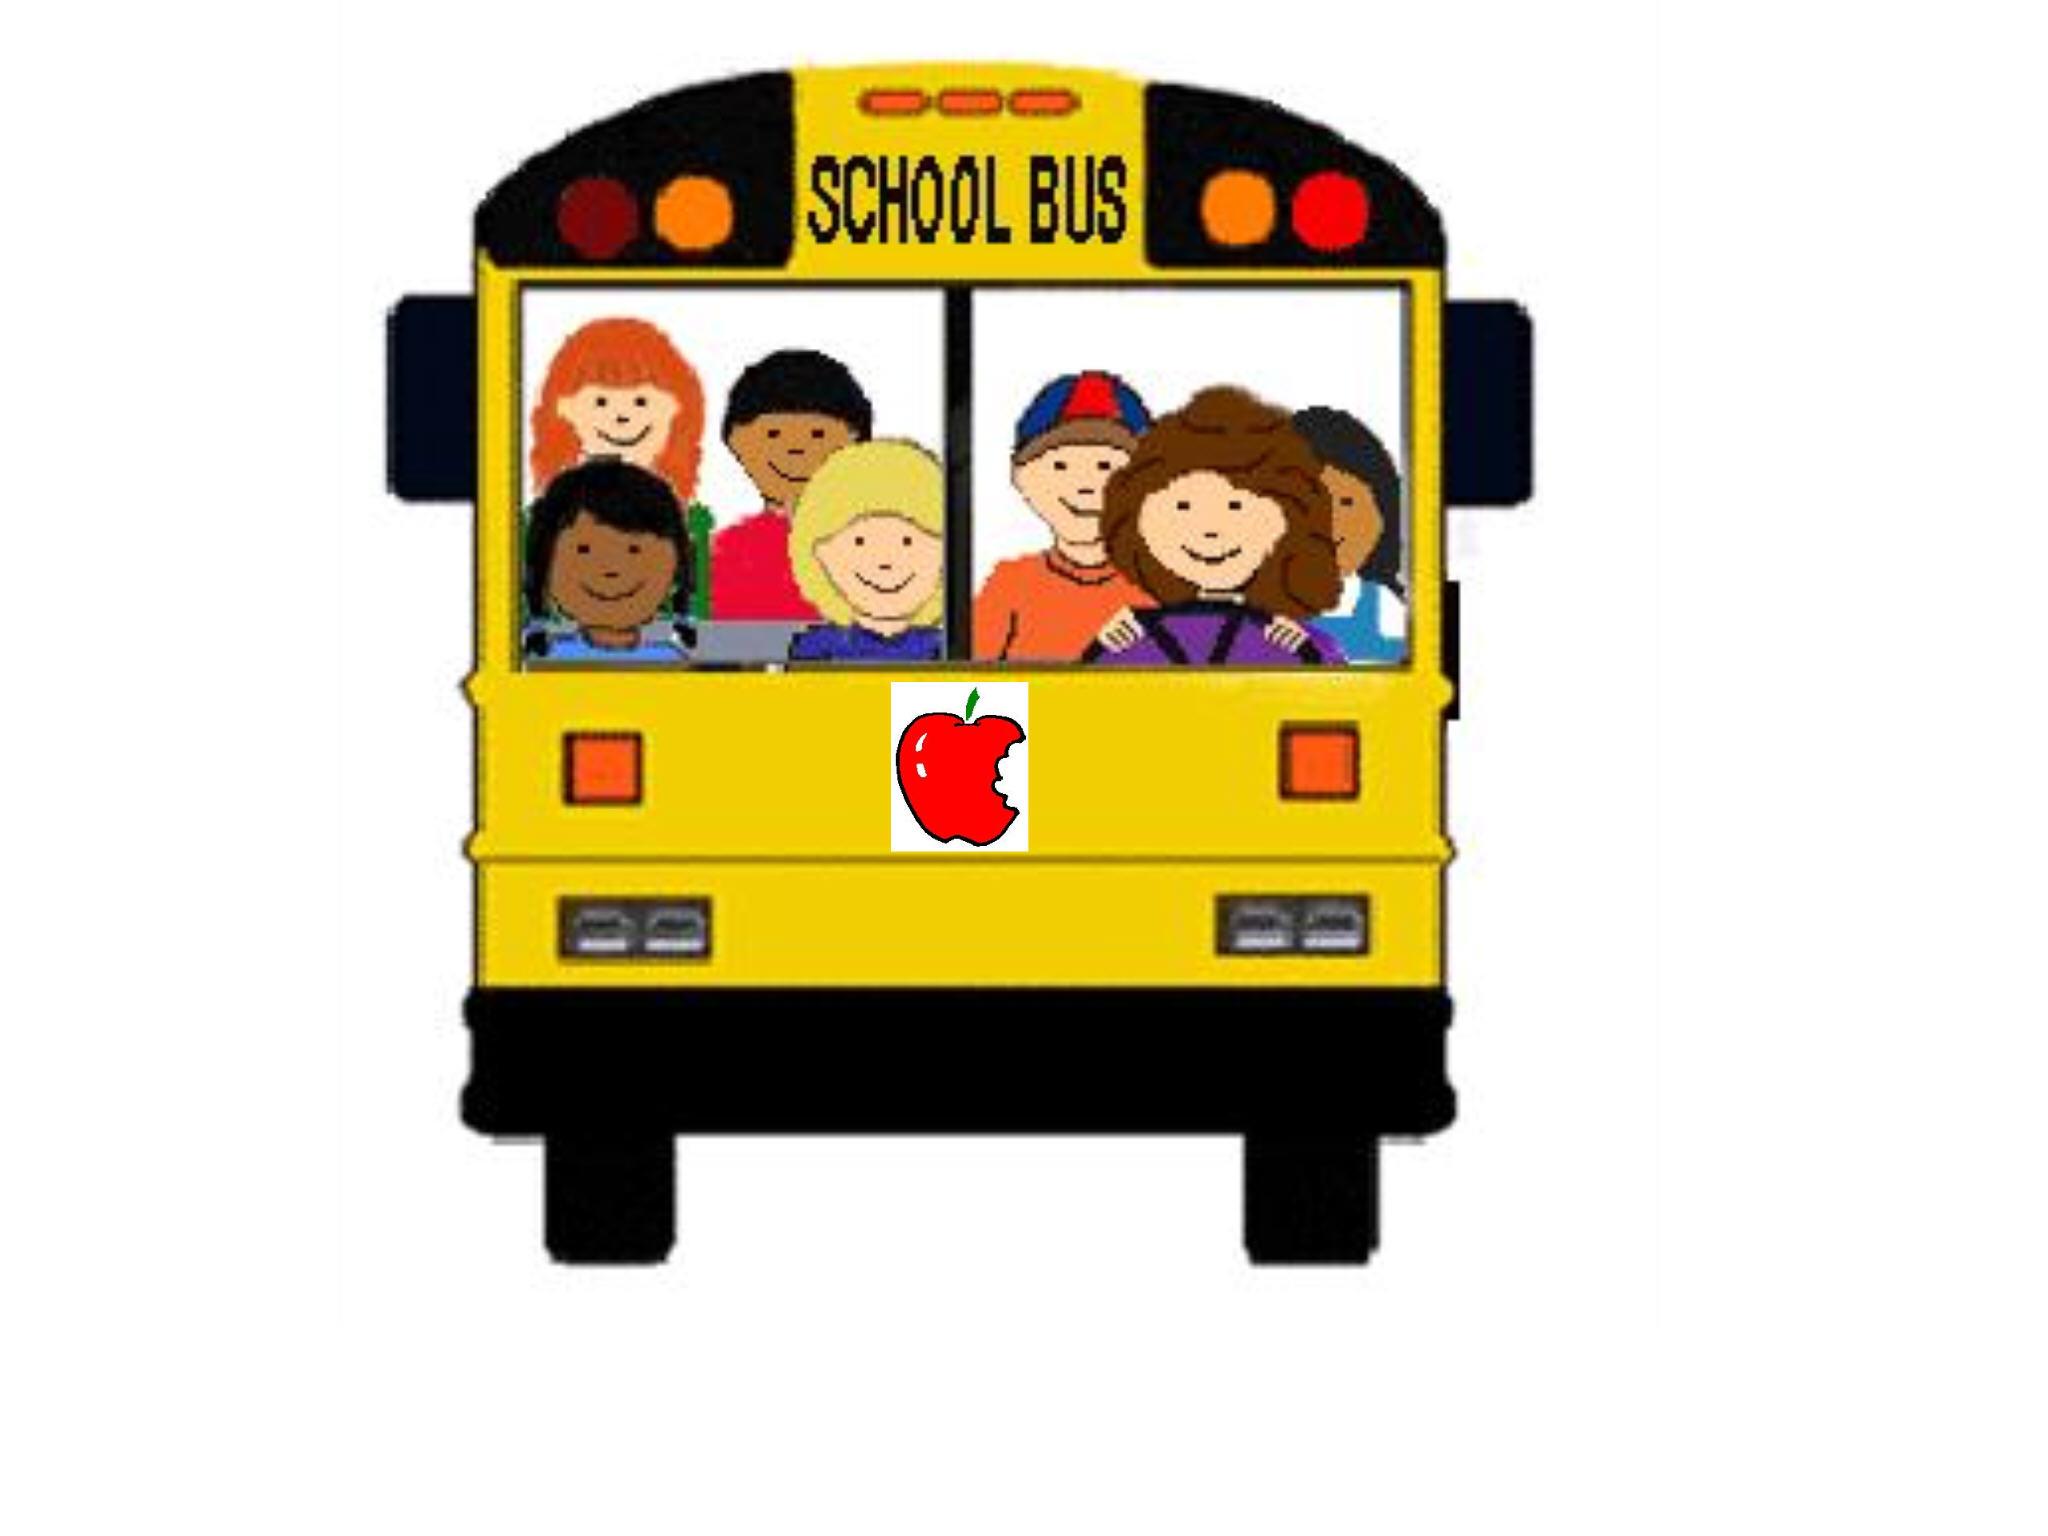 2048x1536 Free Clip Art School Bus Clipart Images 15